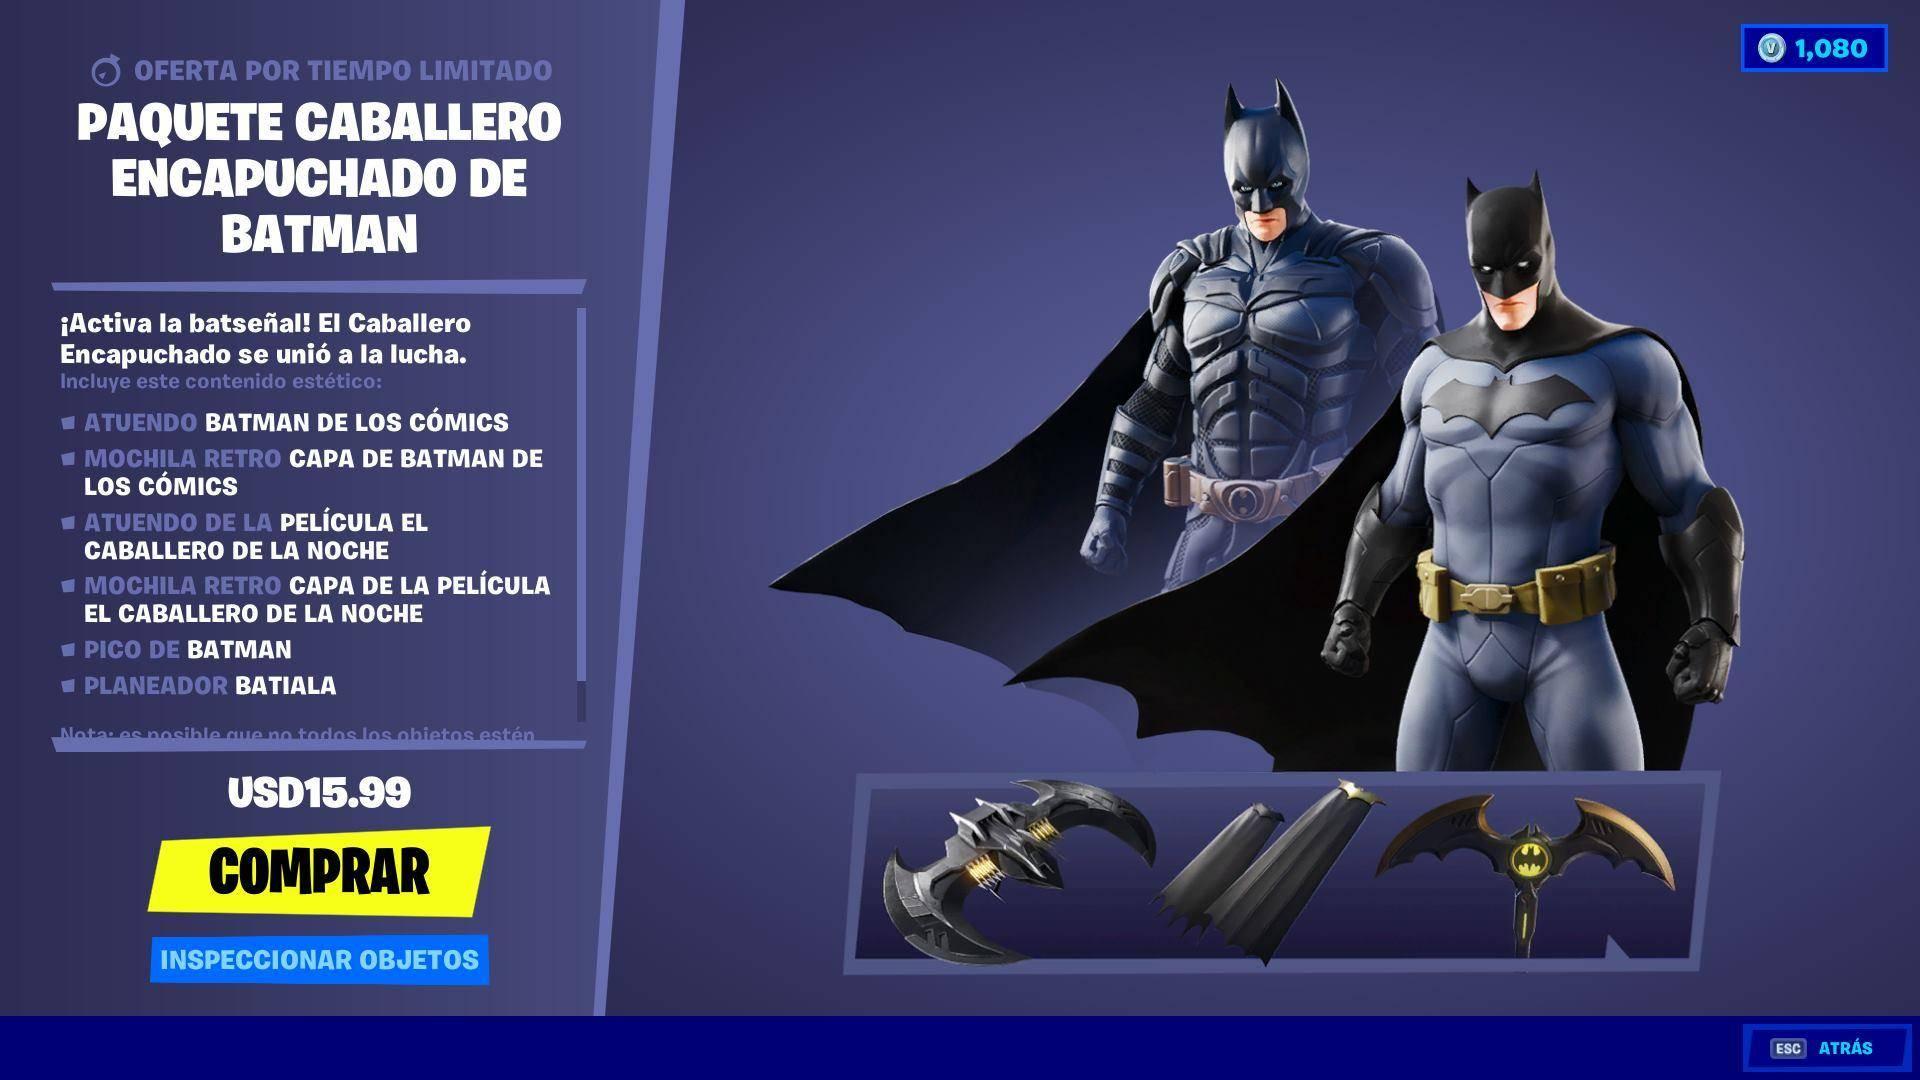 Batman y DC toman el control de Fortnite 2